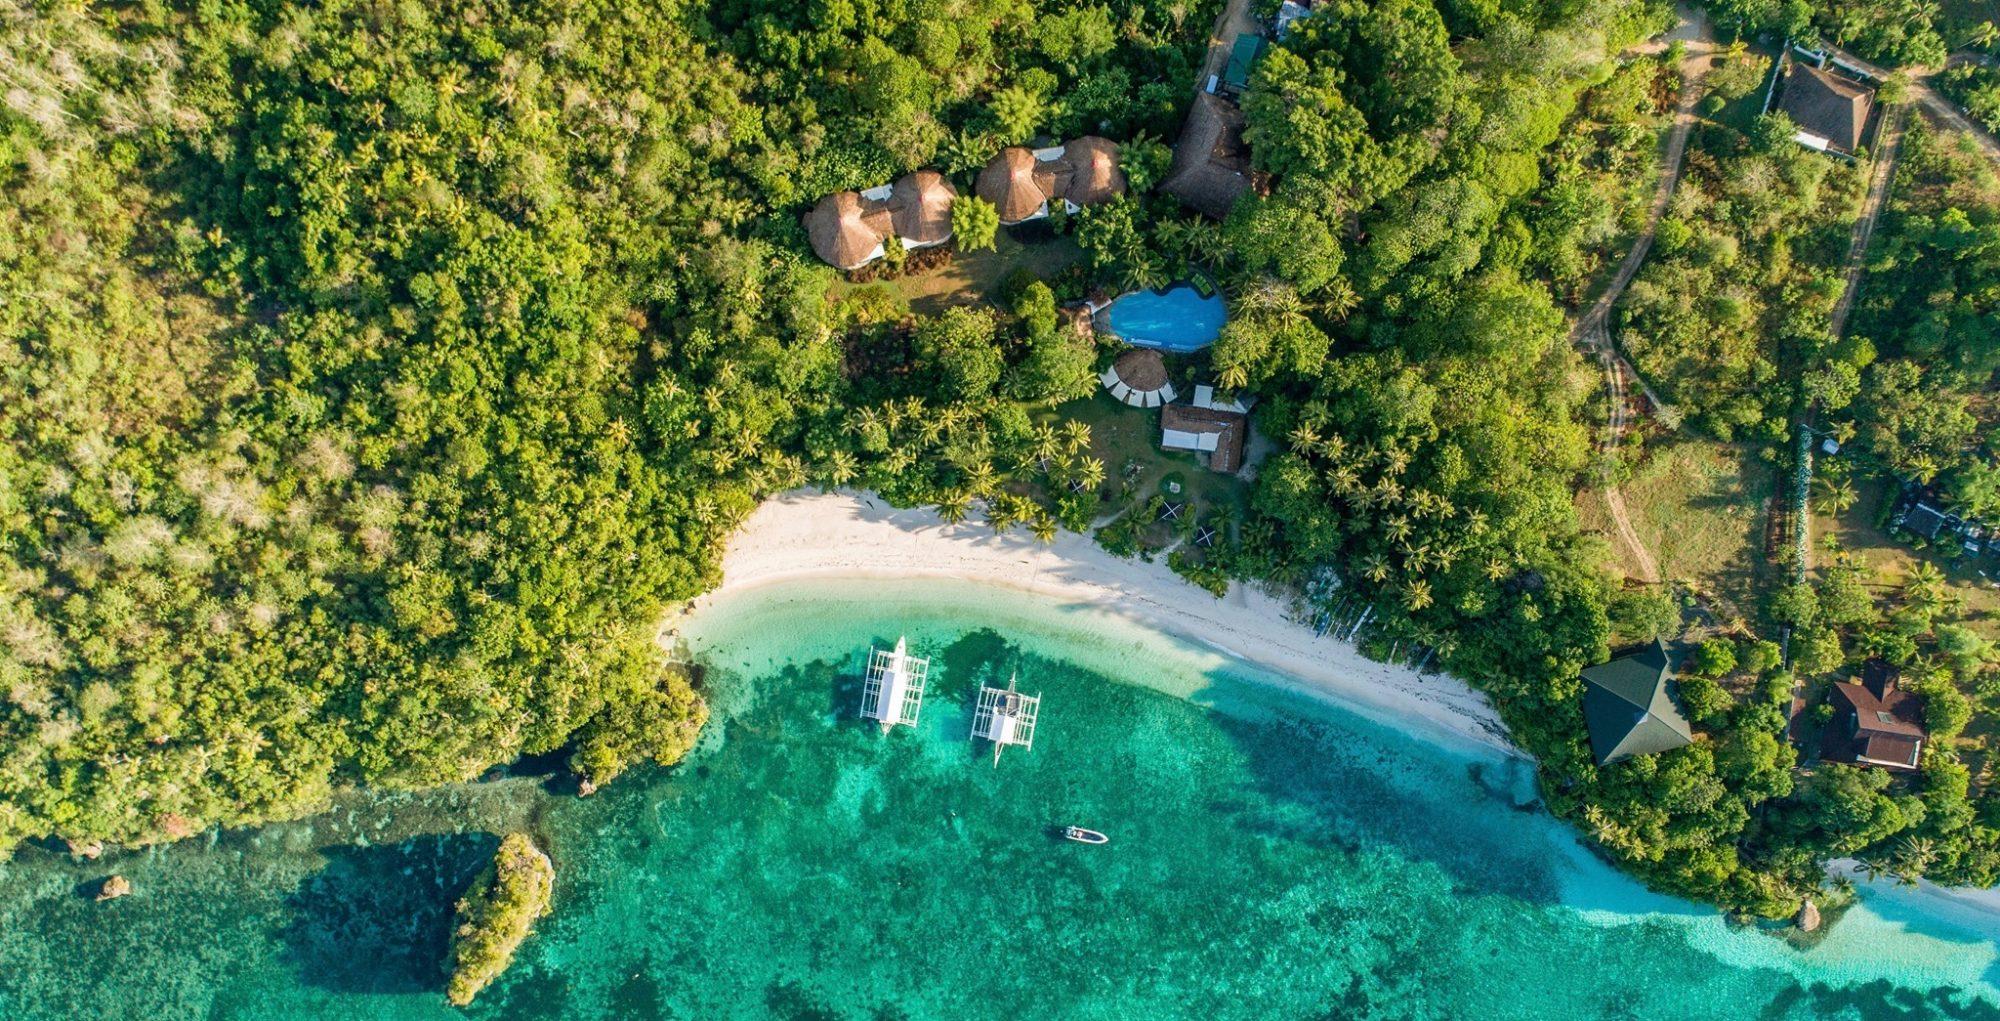 besøg bohol på din rejse til filippinerne. vi tilbyder ophold i flere forskellige regioner af øen. Vores personlige favorit er anda